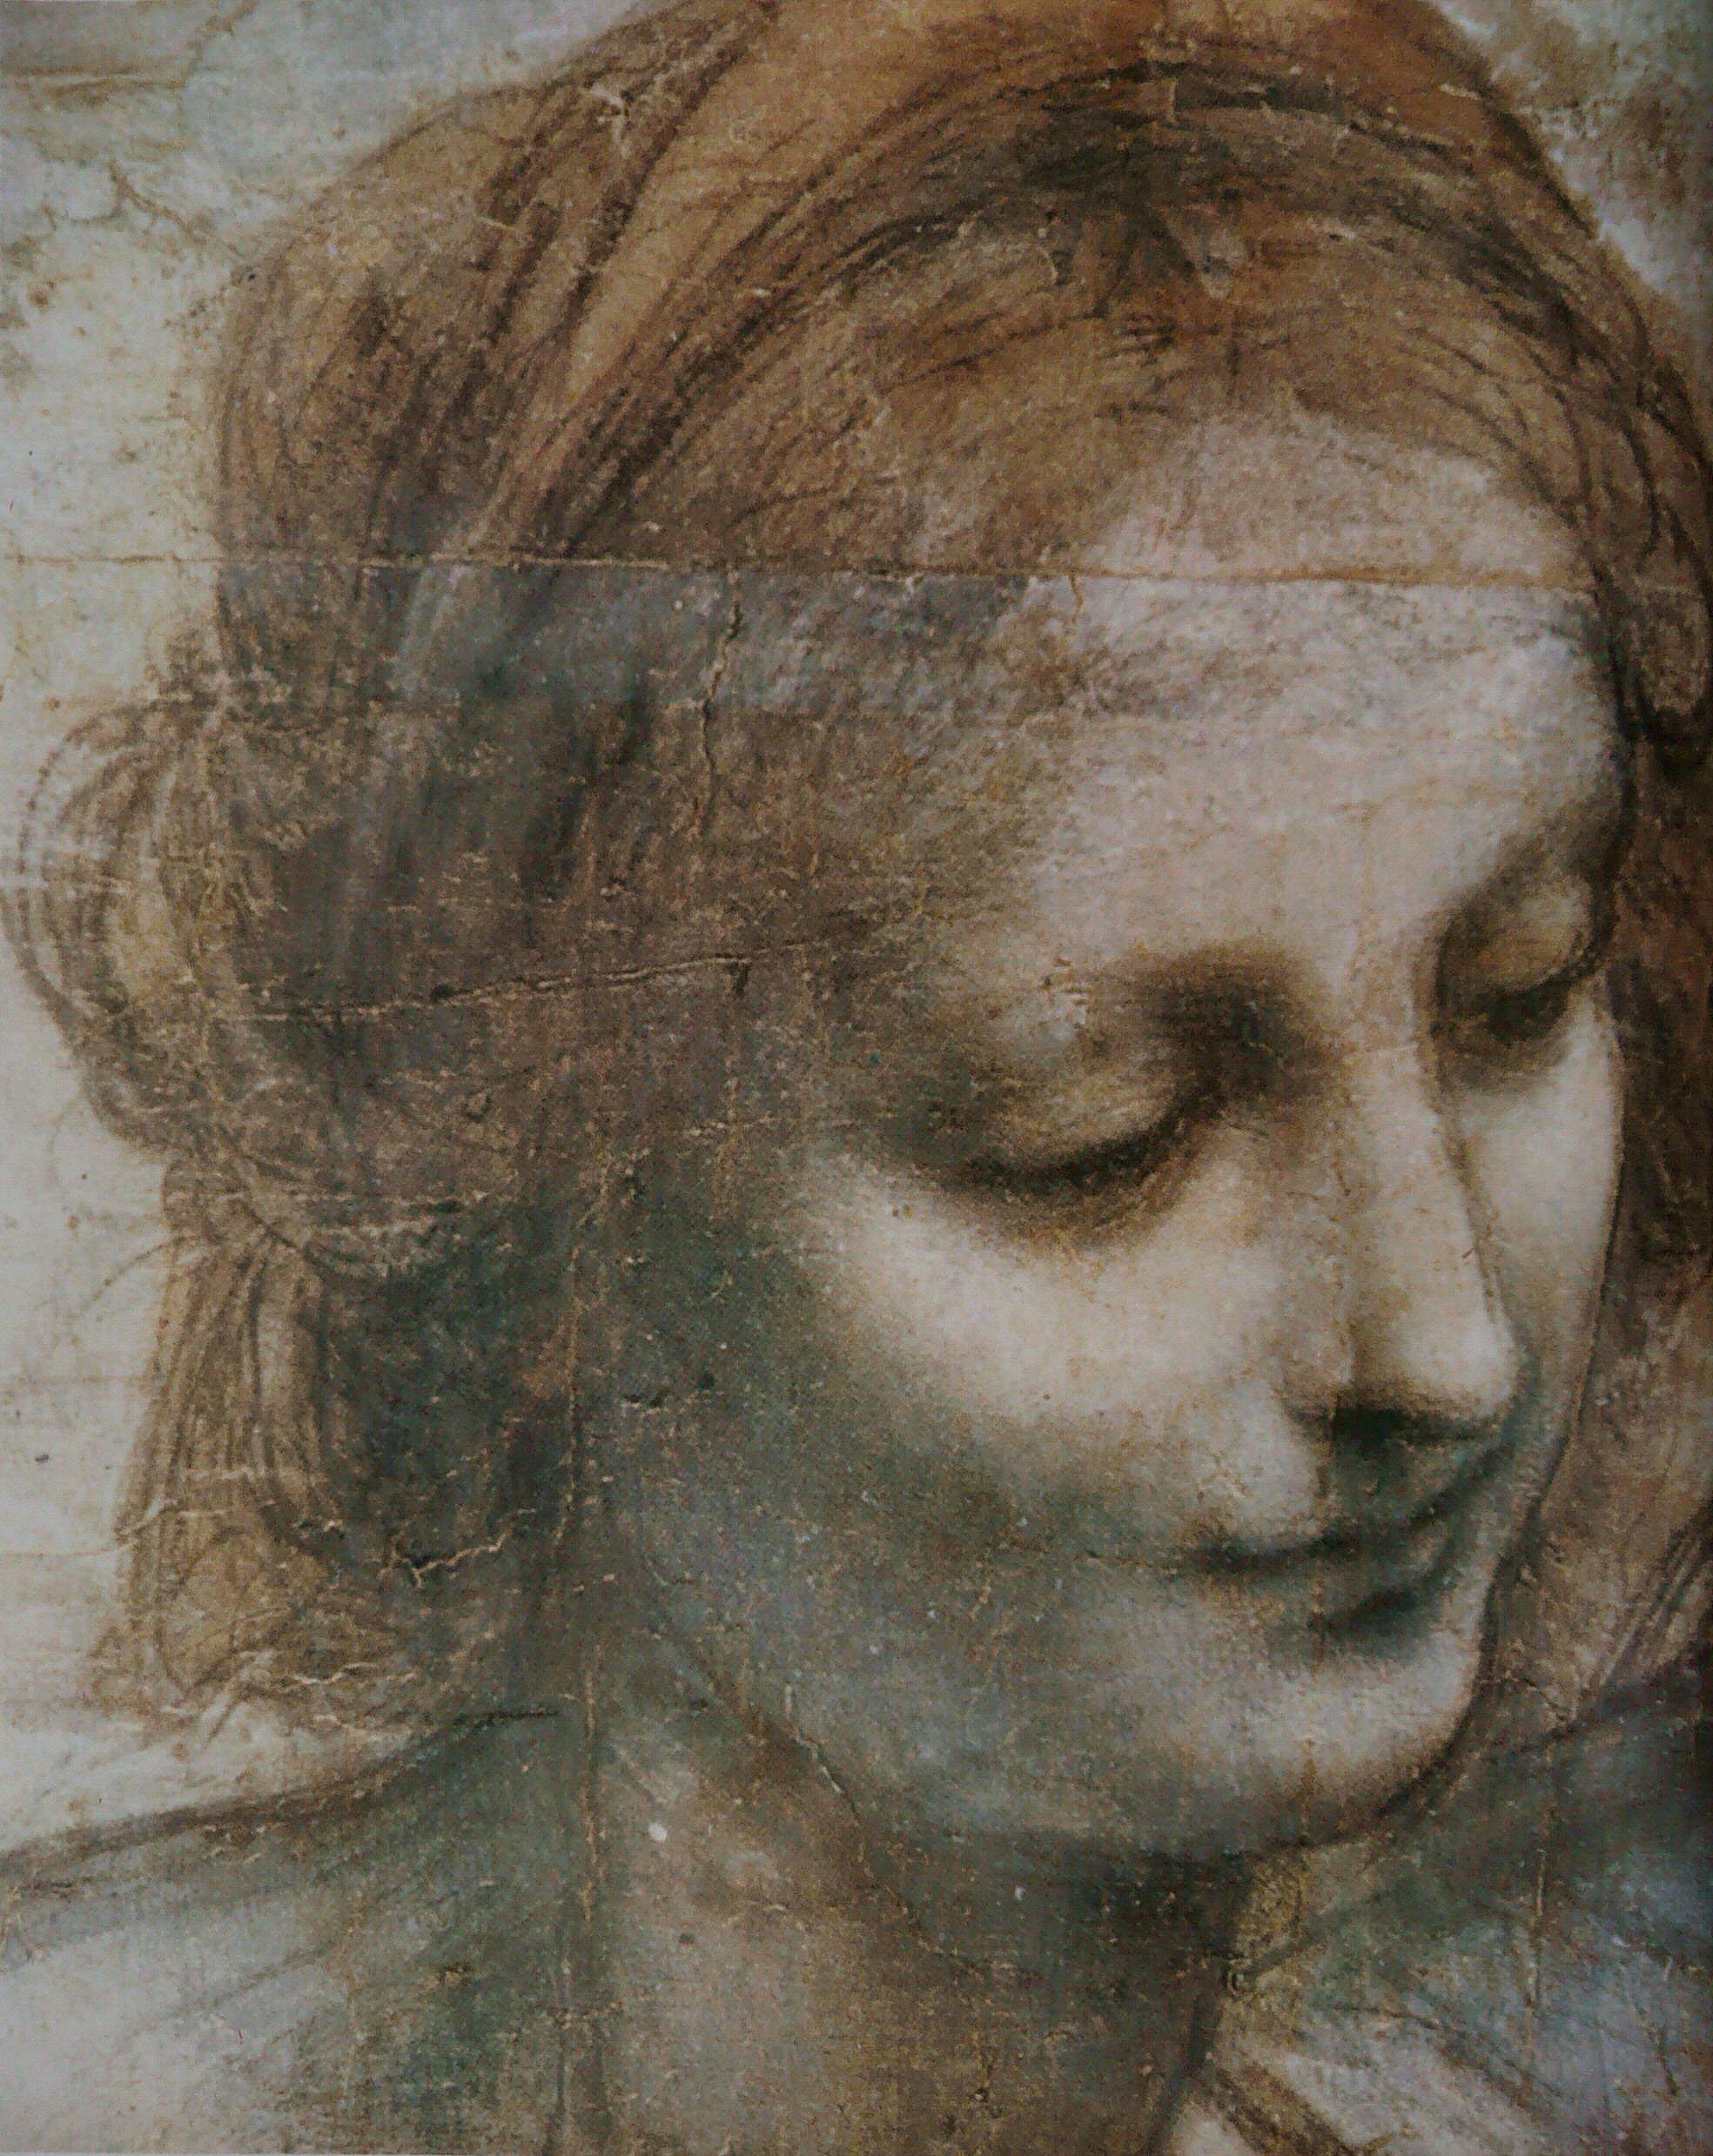 File l onard de vinci vierge enfant j sus ste anne st jean baptiste wikimedia commons - Photo leonard de vinci ...